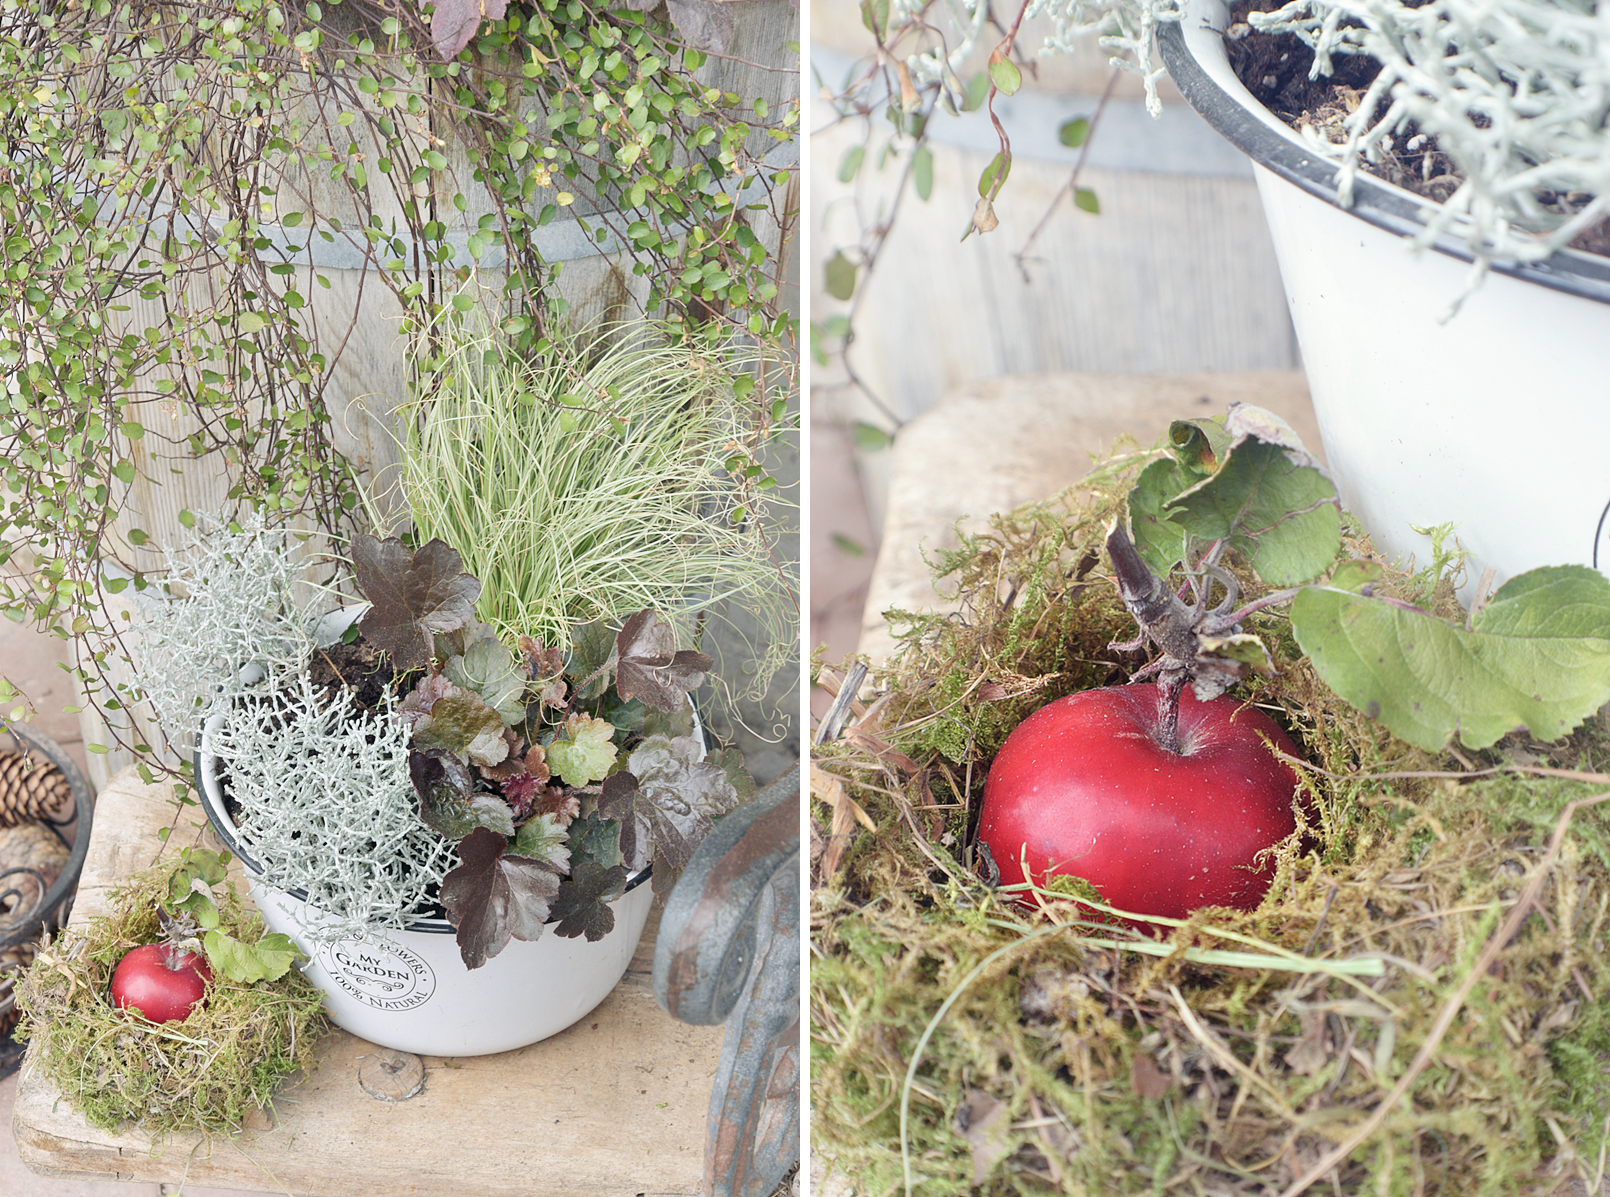 herbstdekoration für hof und garten | depot blog, Garten und erstellen